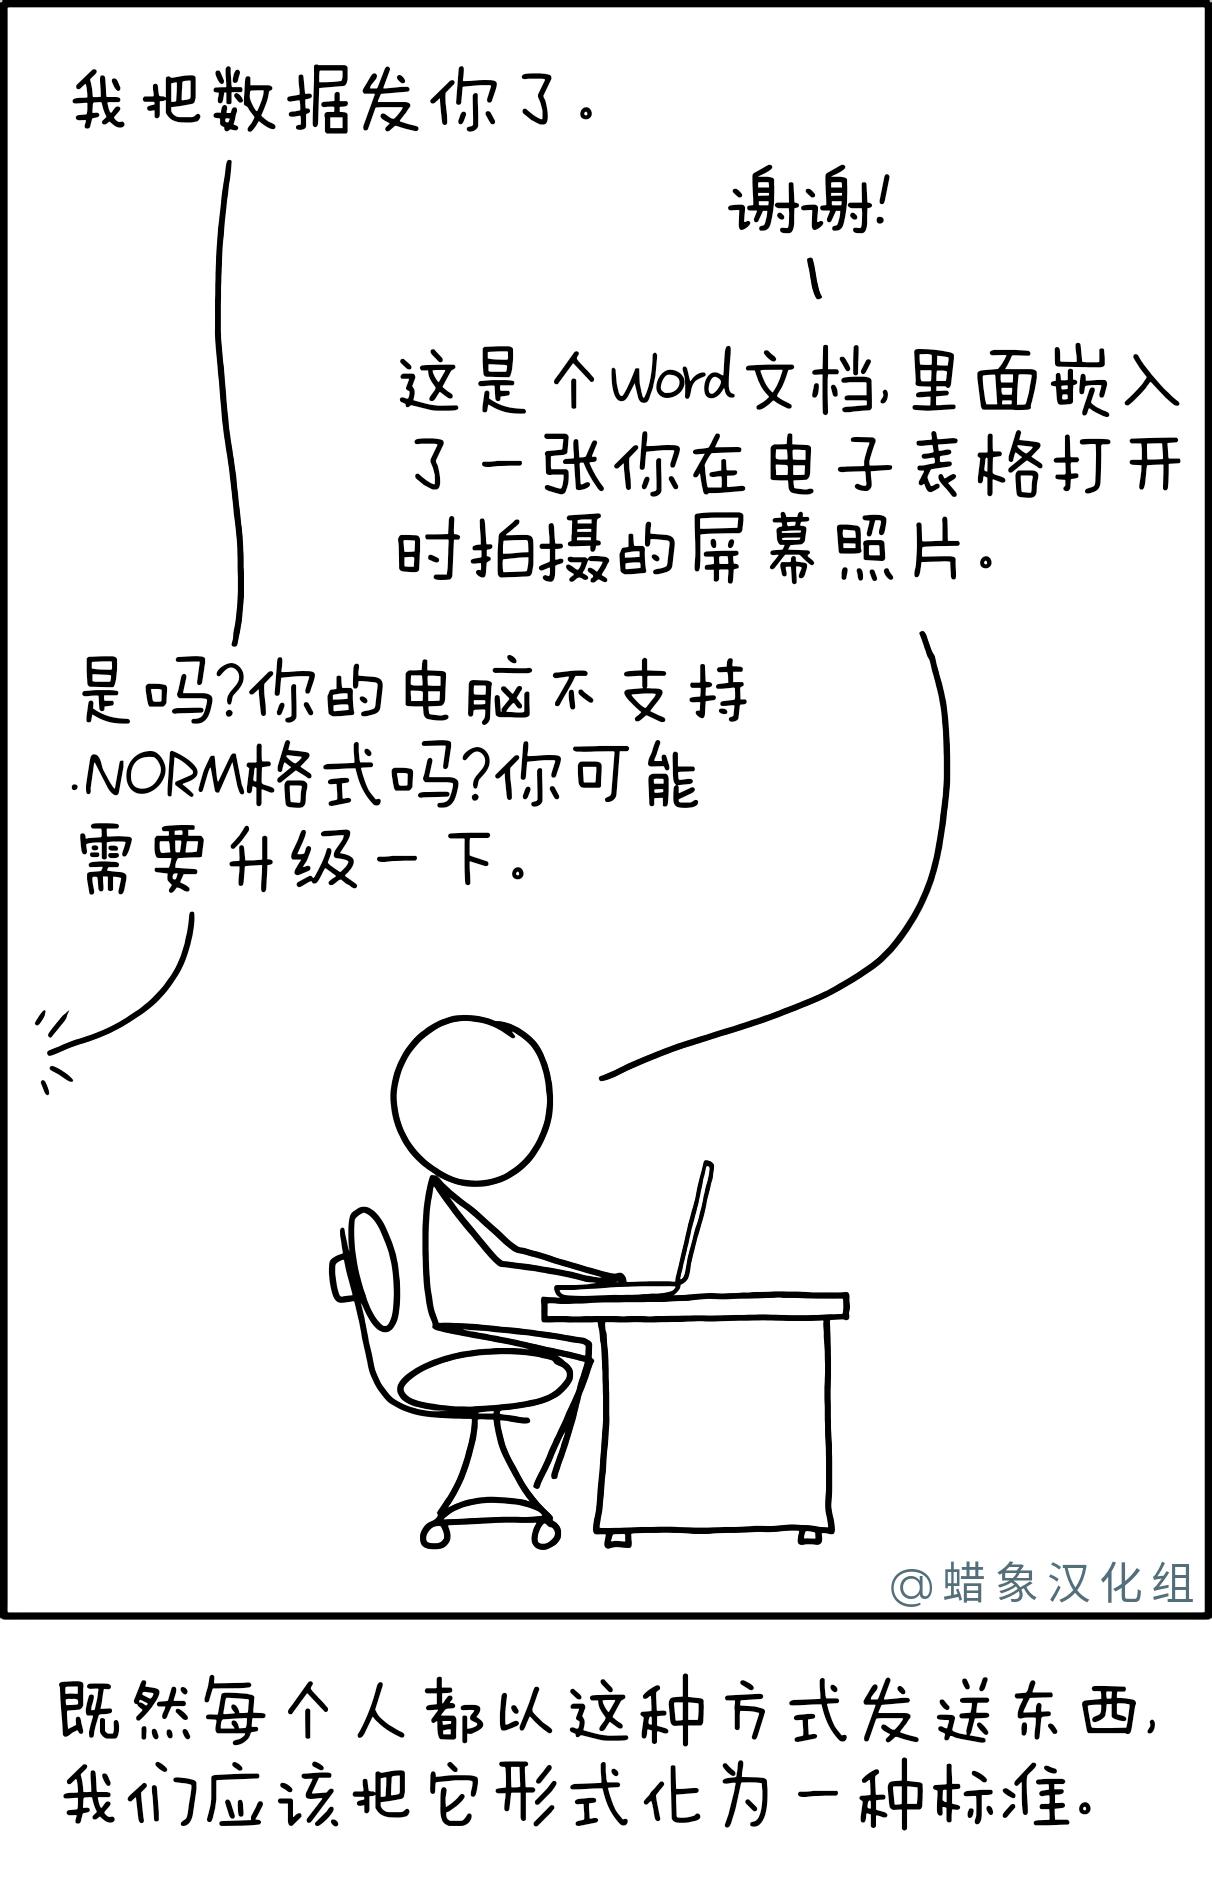 后缀为.NORM的标准文件格式